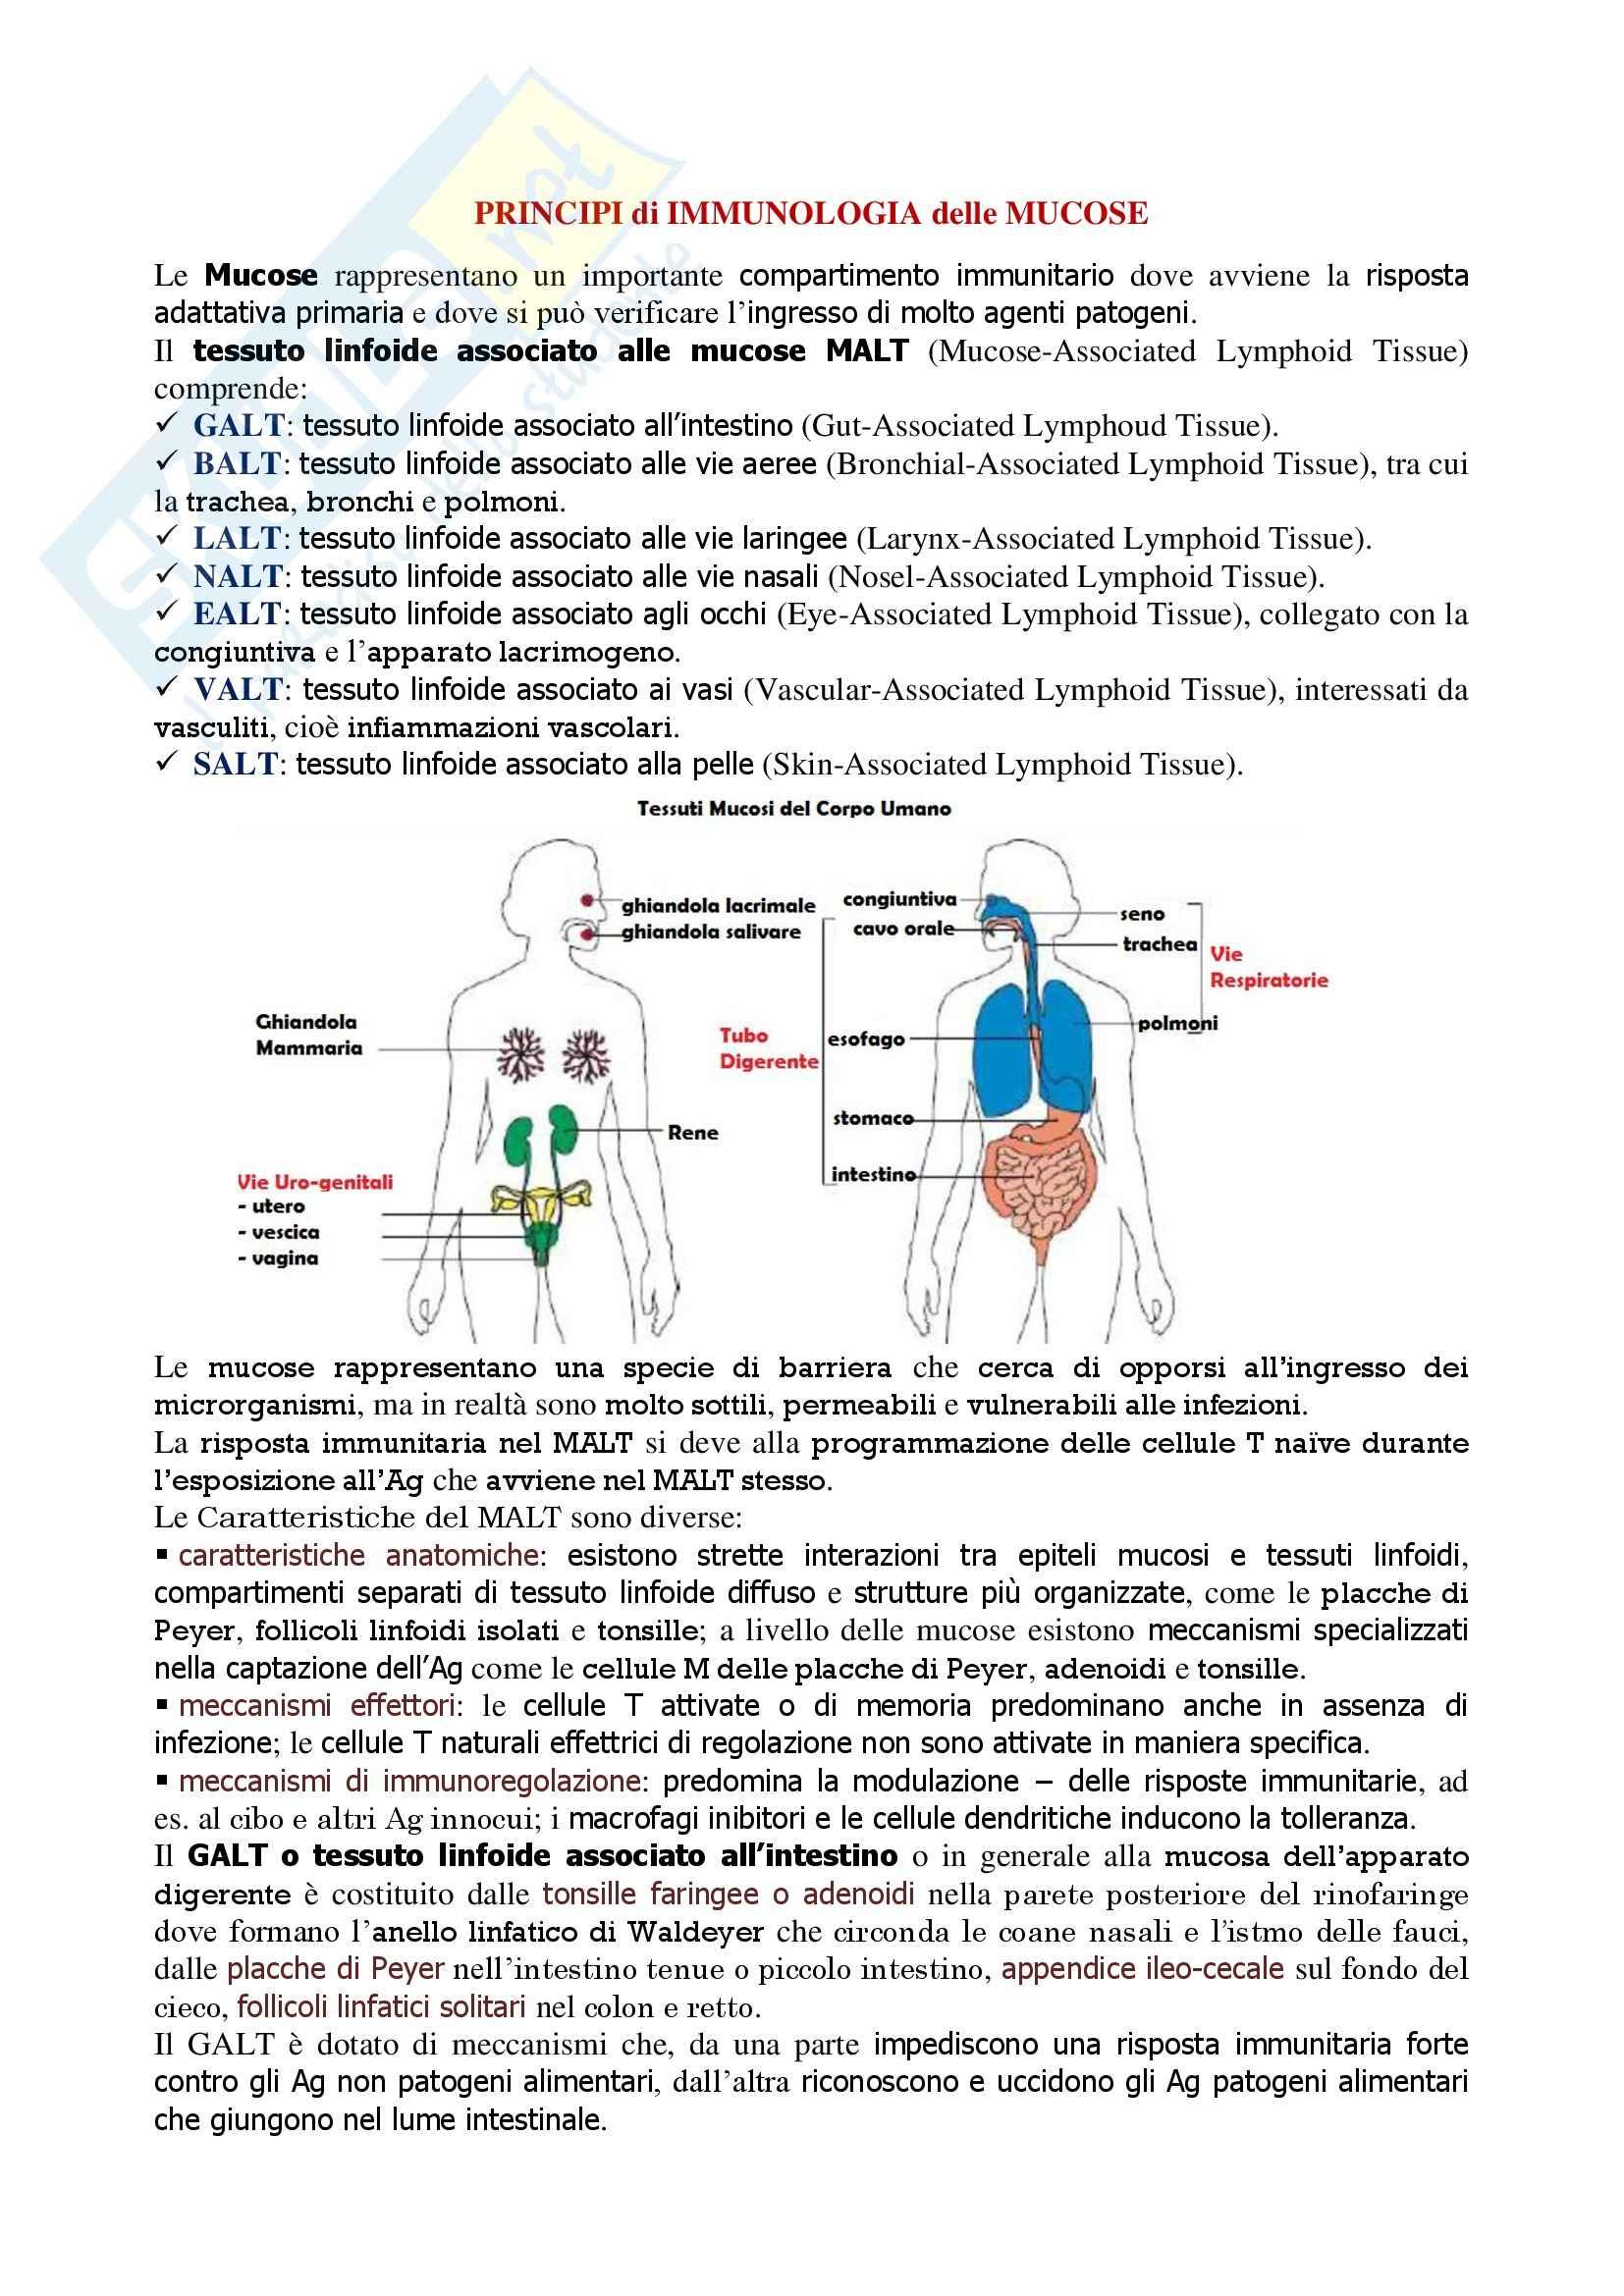 Immunologia - principi di immunologia delle mucose